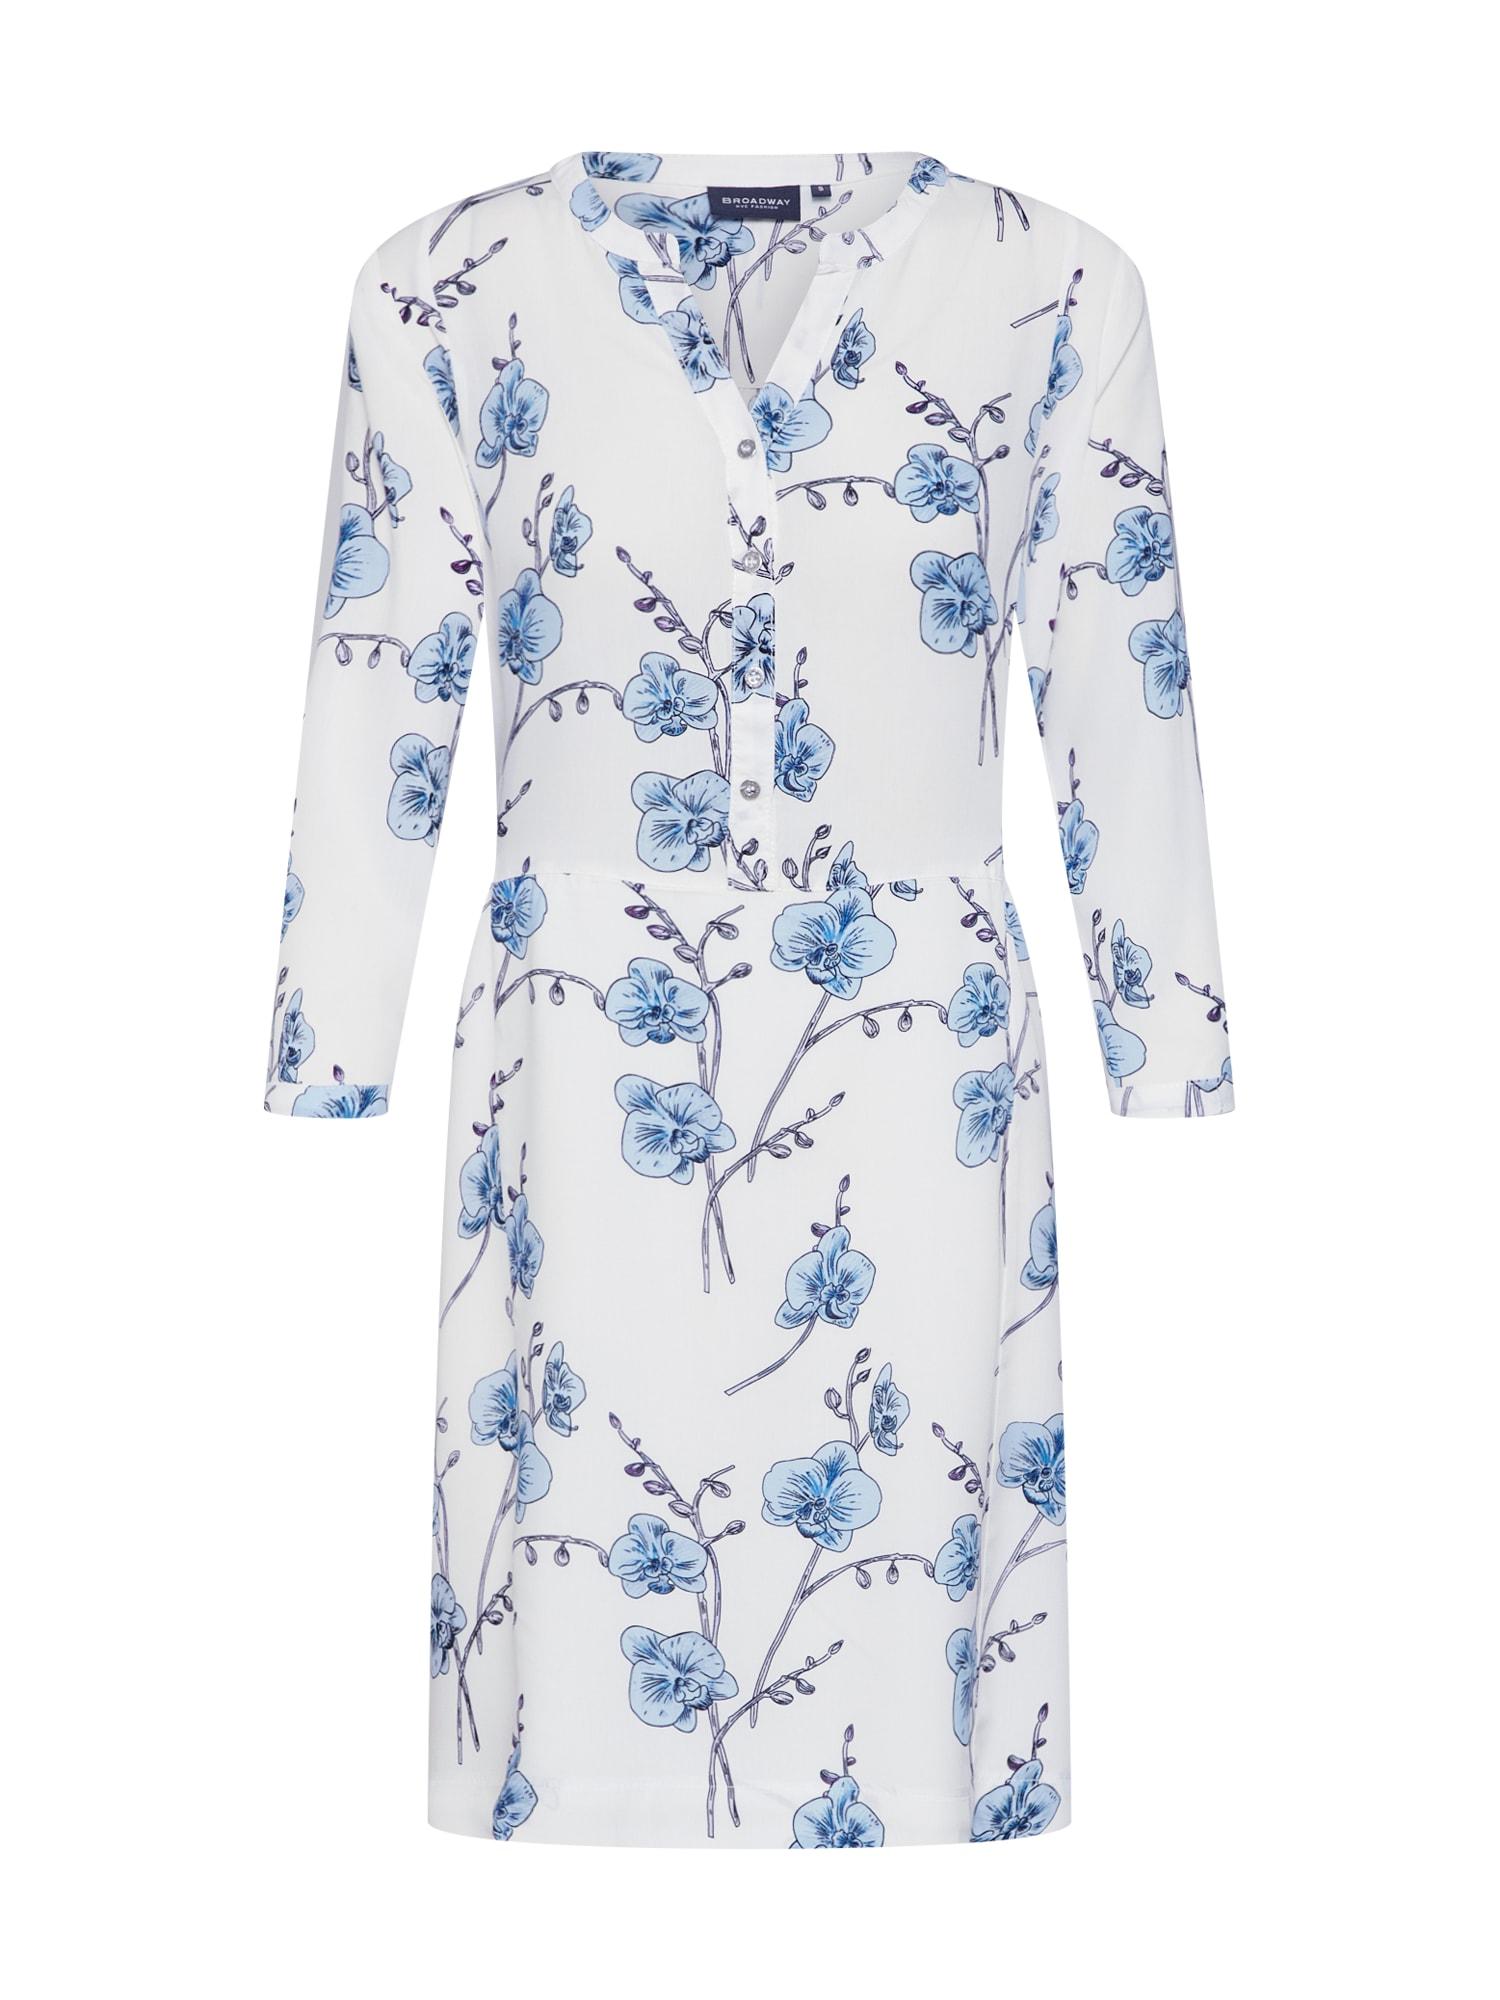 Letní šaty PHOBY modrá bílá BROADWAY NYC FASHION